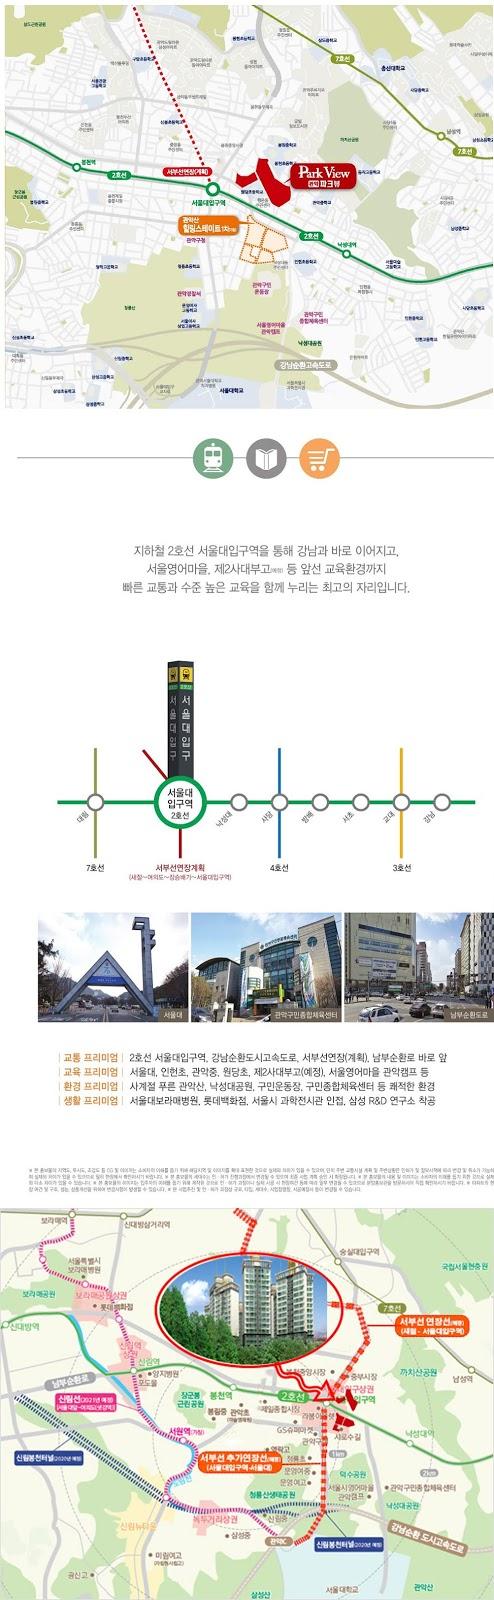 서울대입구역 파크로얄 파크뷰 입지환경